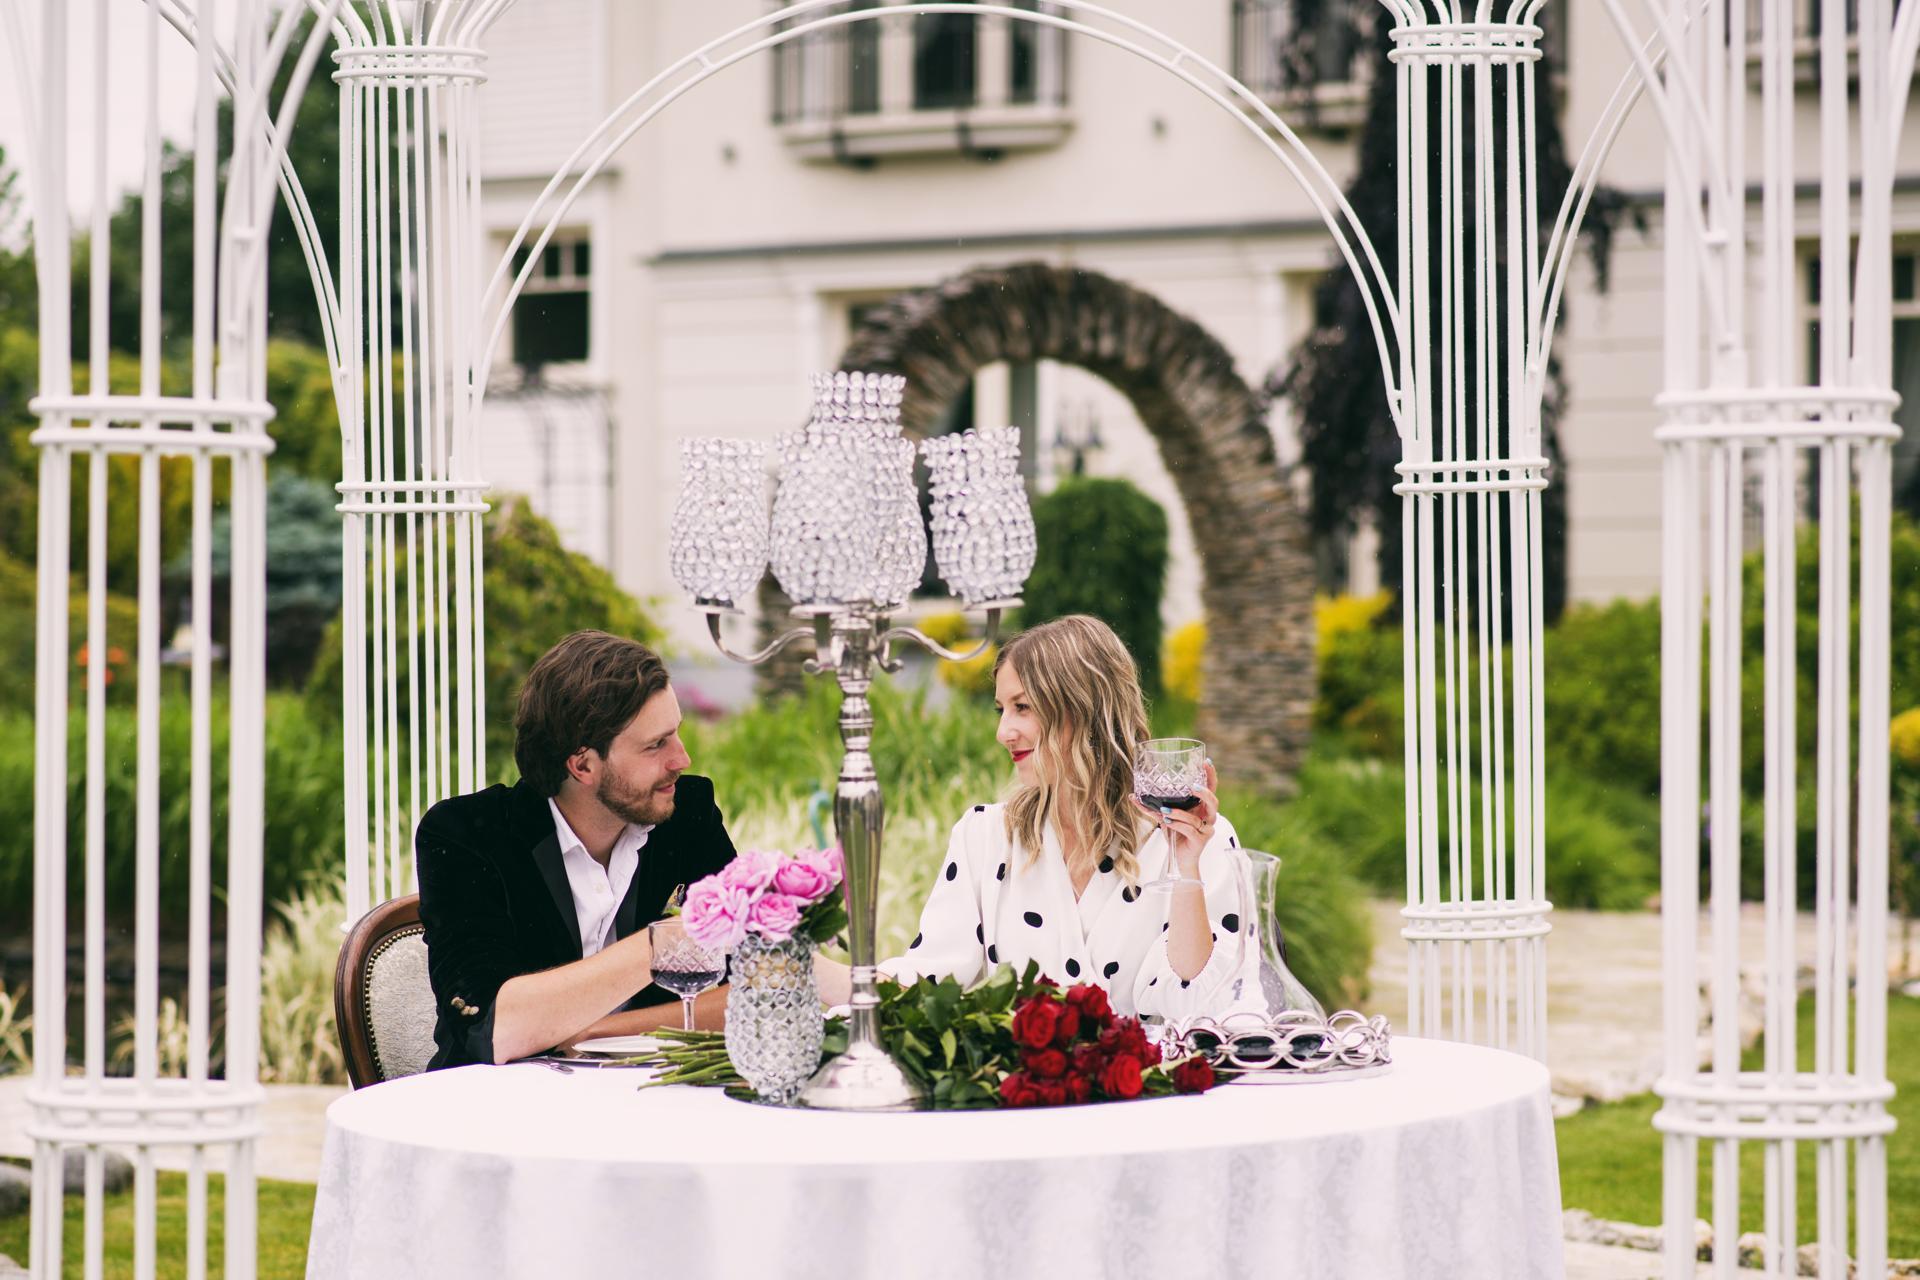 Romantyczna kolacja w altanie